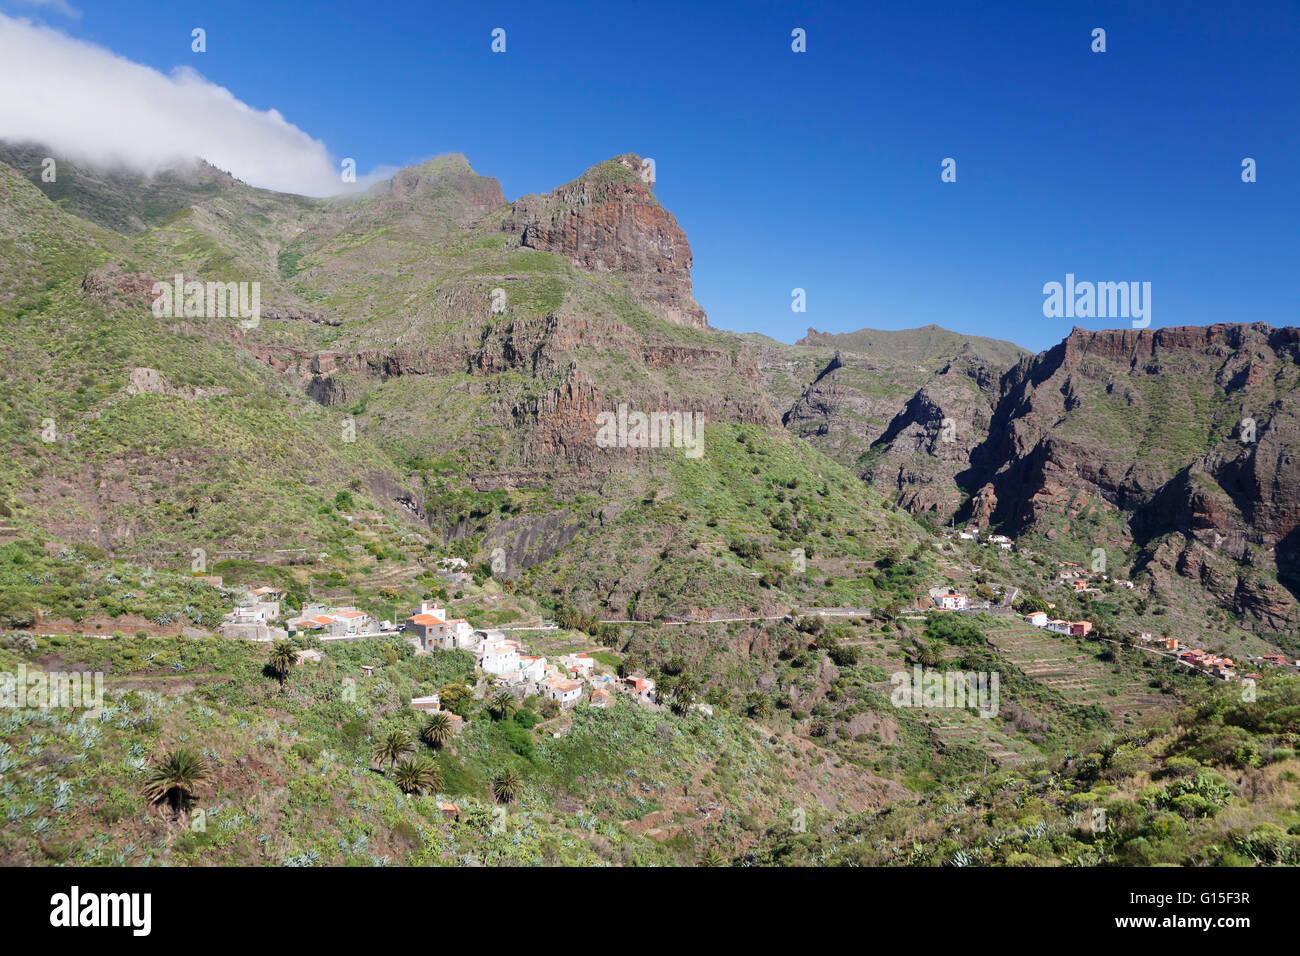 Berg Dorf Masca, Teno-Gebirge, Teneriffa, Kanarische Inseln, Spanien, Europa Stockbild